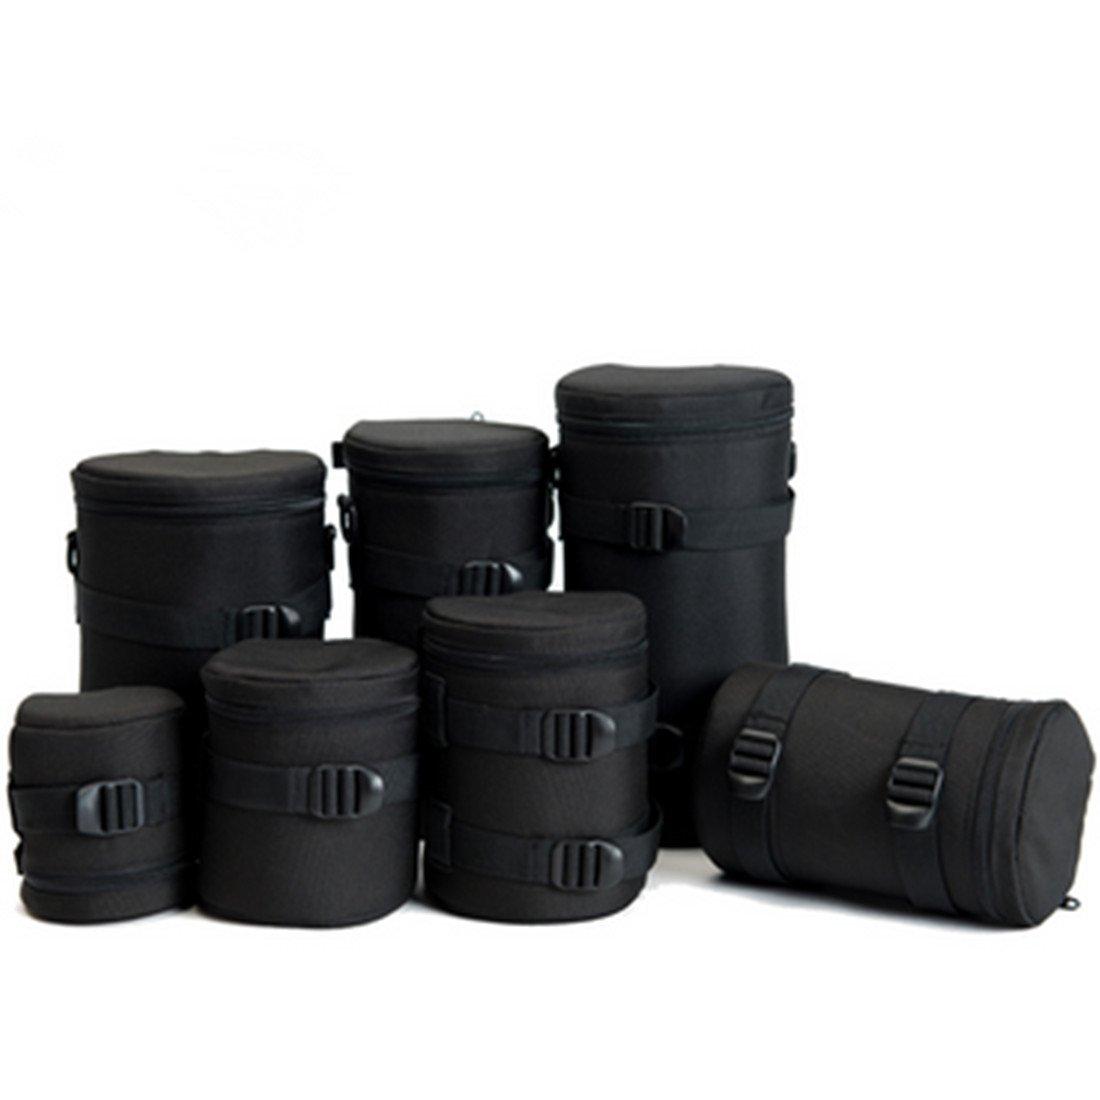 Safrotto カメラ用カメラレンズケースバッグ カメラ用 ナイロン製 ブラック デジタル一眼レフカメラ用 E10/E9x13/E11/E12/E10X16/E17N/E18 10x13cm  B06Y2WXH8S